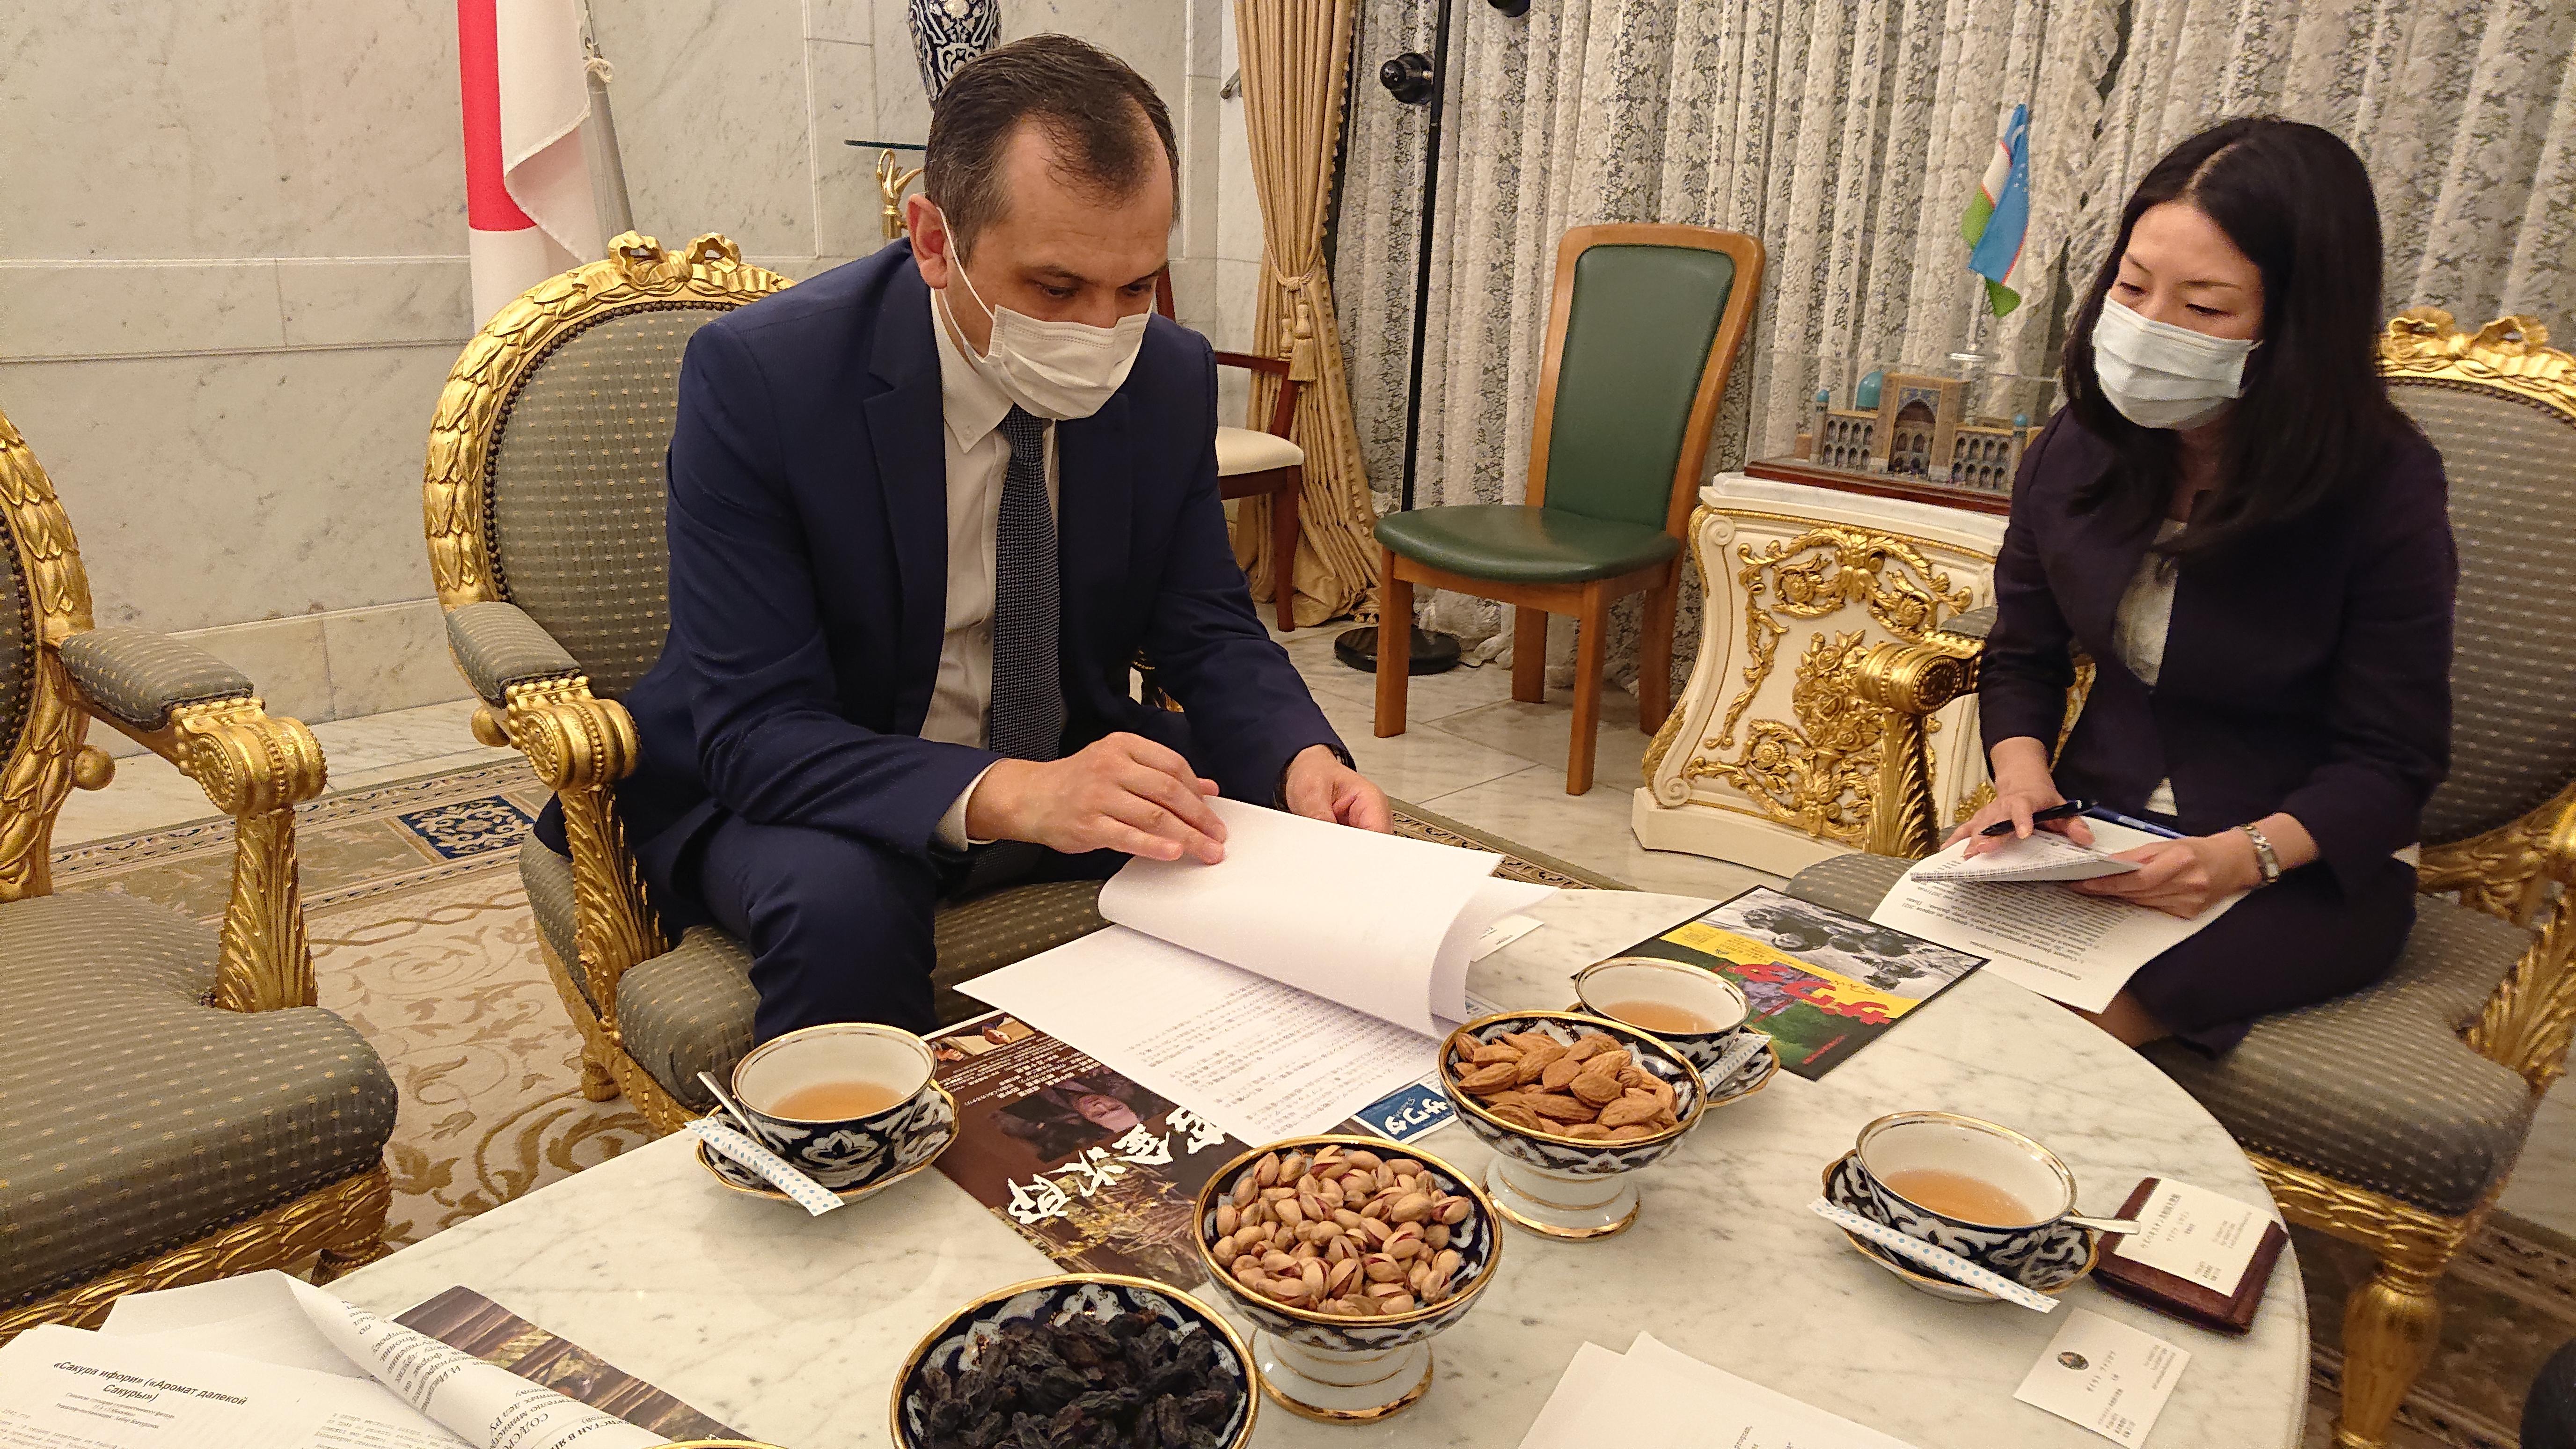 #ウズベキスタン #大使 #五十嵐匠 #はちみつ